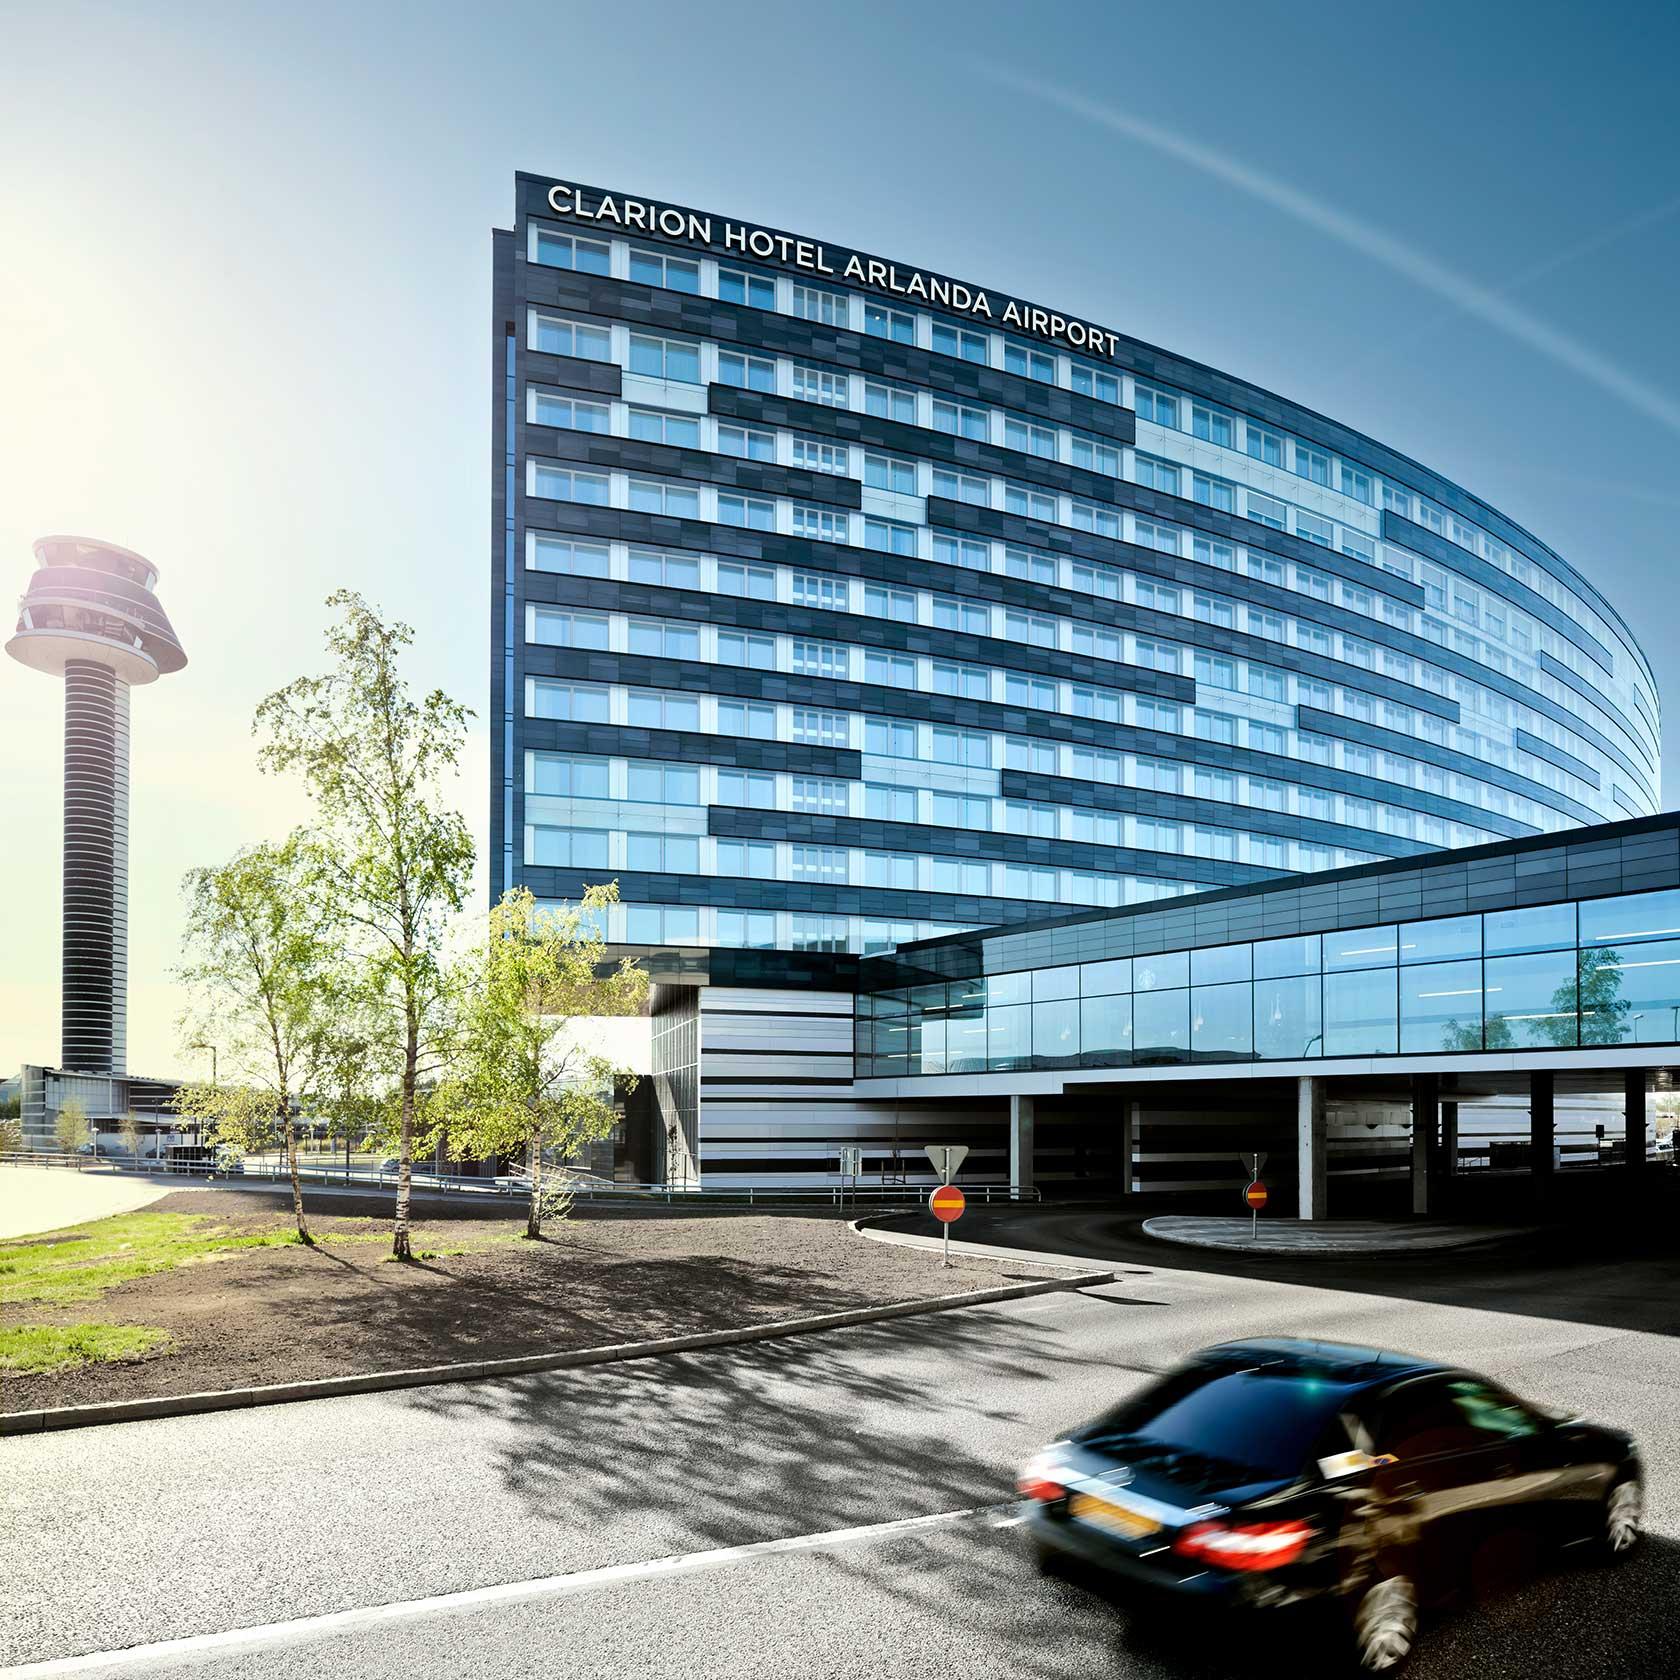 Clarion hotel Arlanda